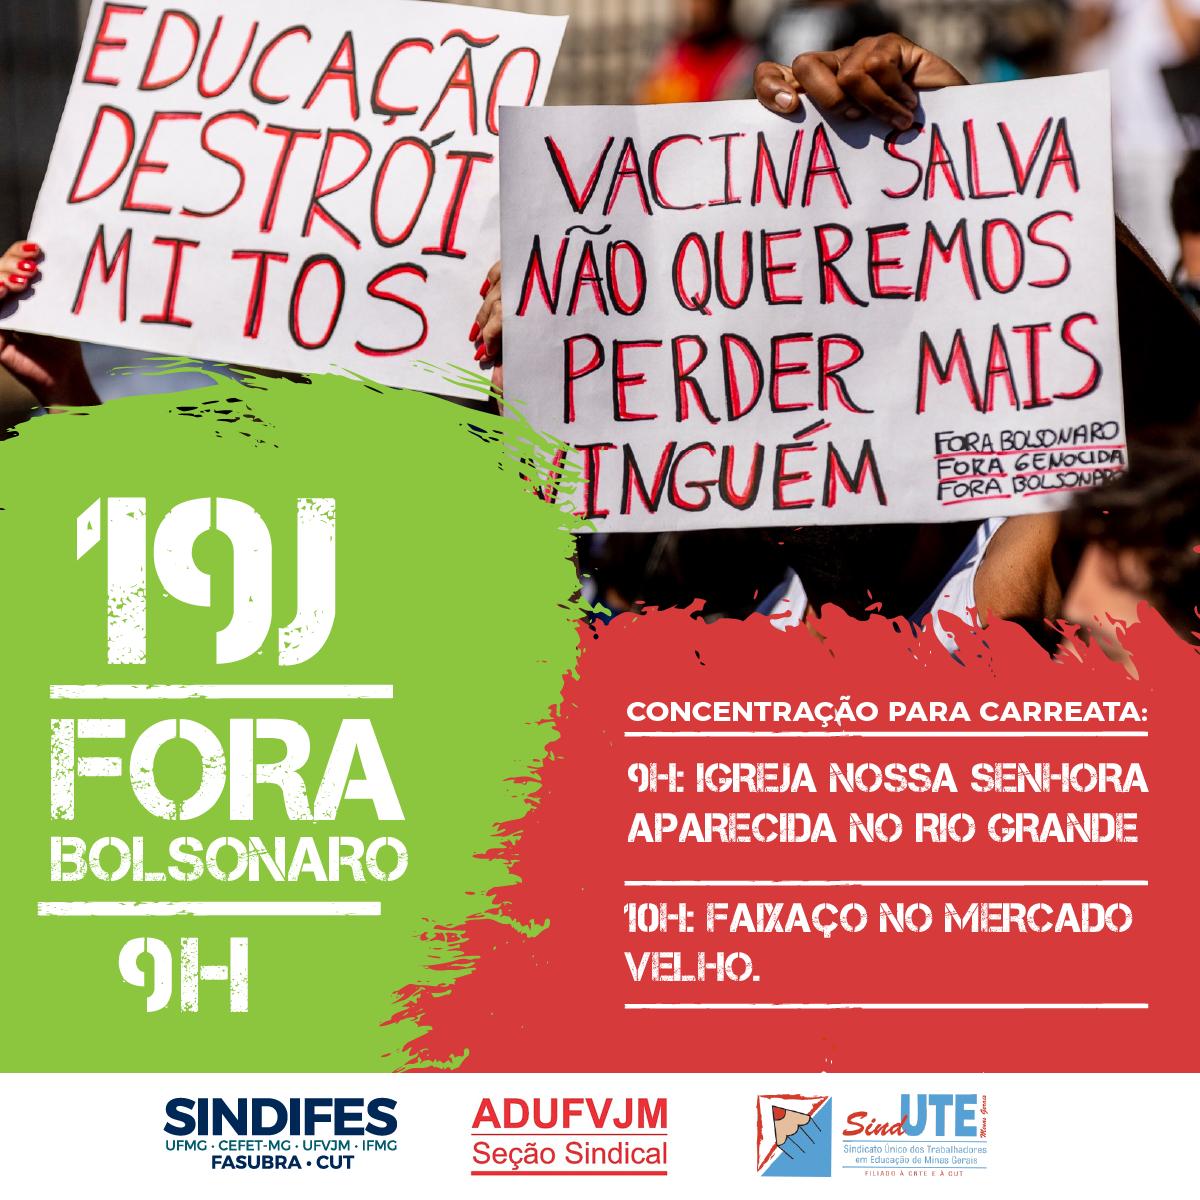 19J - Ato pelo Fora Bolsonaro no dia 19 de junho 6